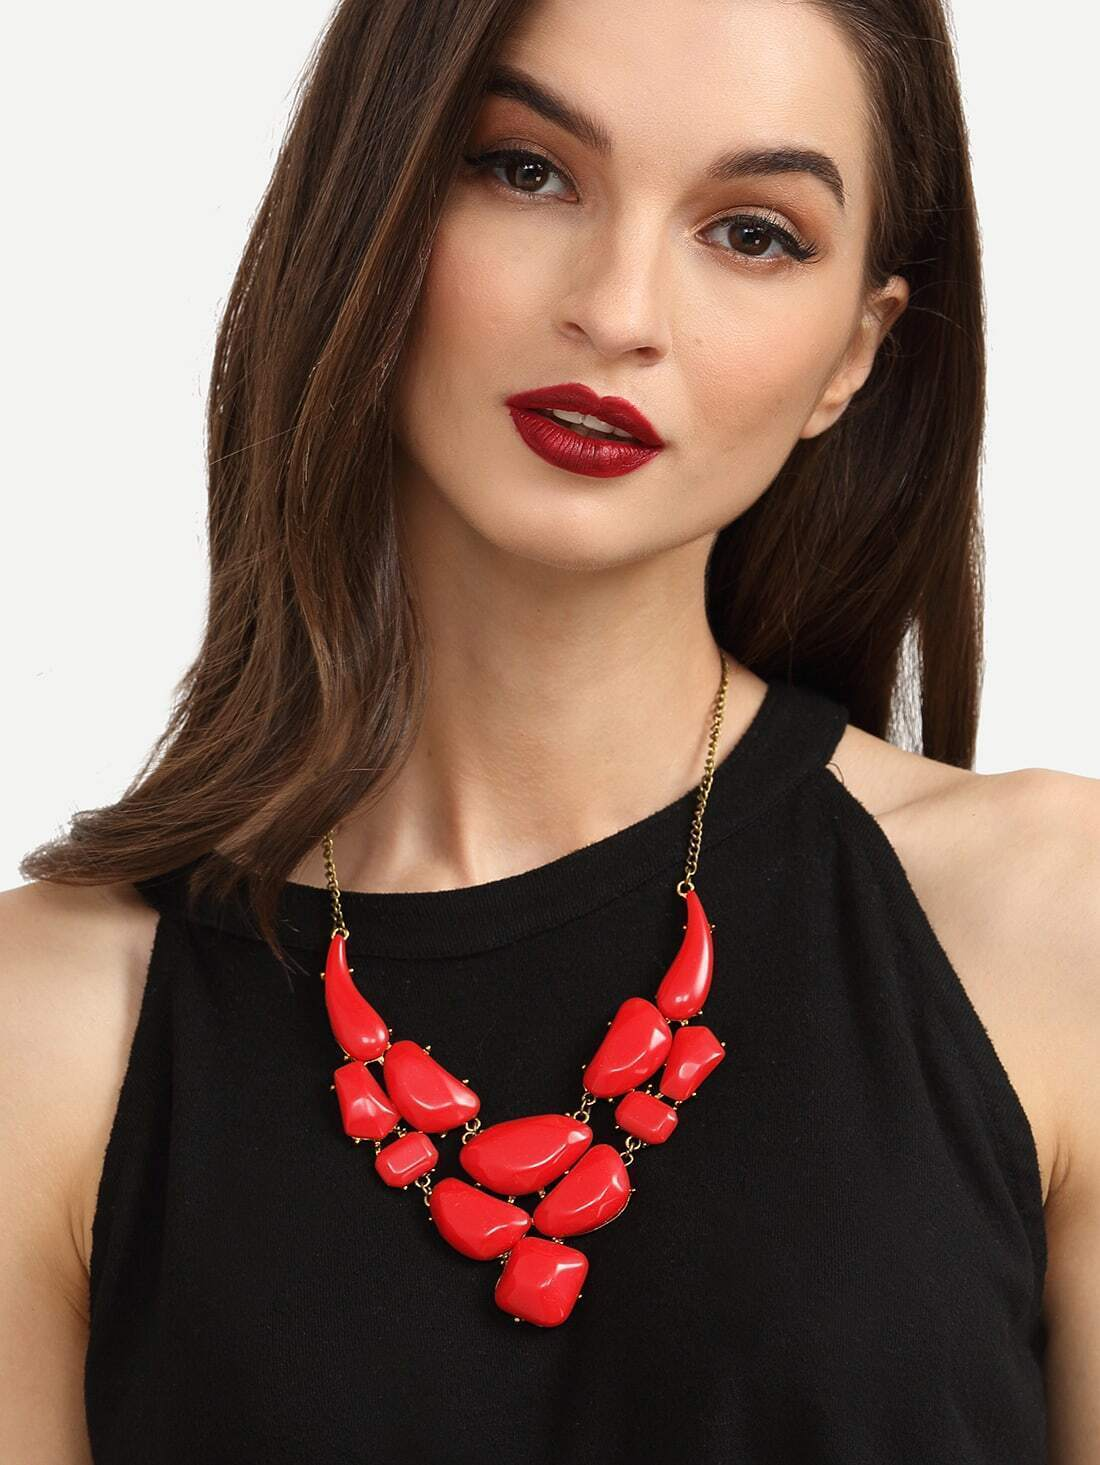 Collier avec pendentif en faux gemme rouge french romwe for Interieur paupiere inferieure rouge